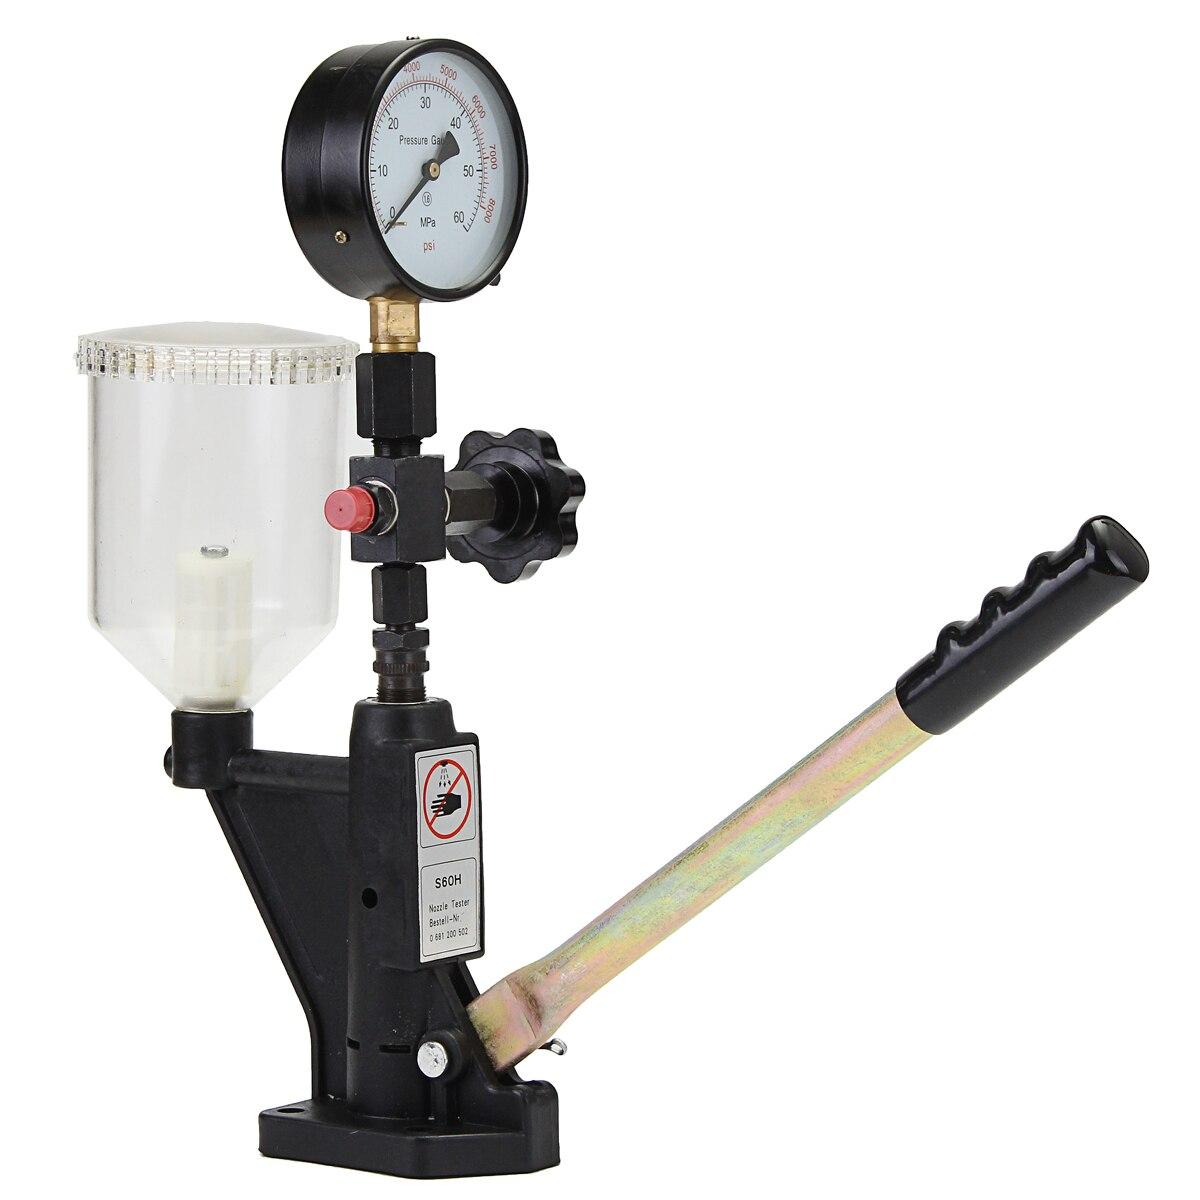 Max 60 Mpa buse Pop pression testeur 0-400 BAR commun Rail outil carburant injecteur calibrateur double échelle jauge Diagnostic métal